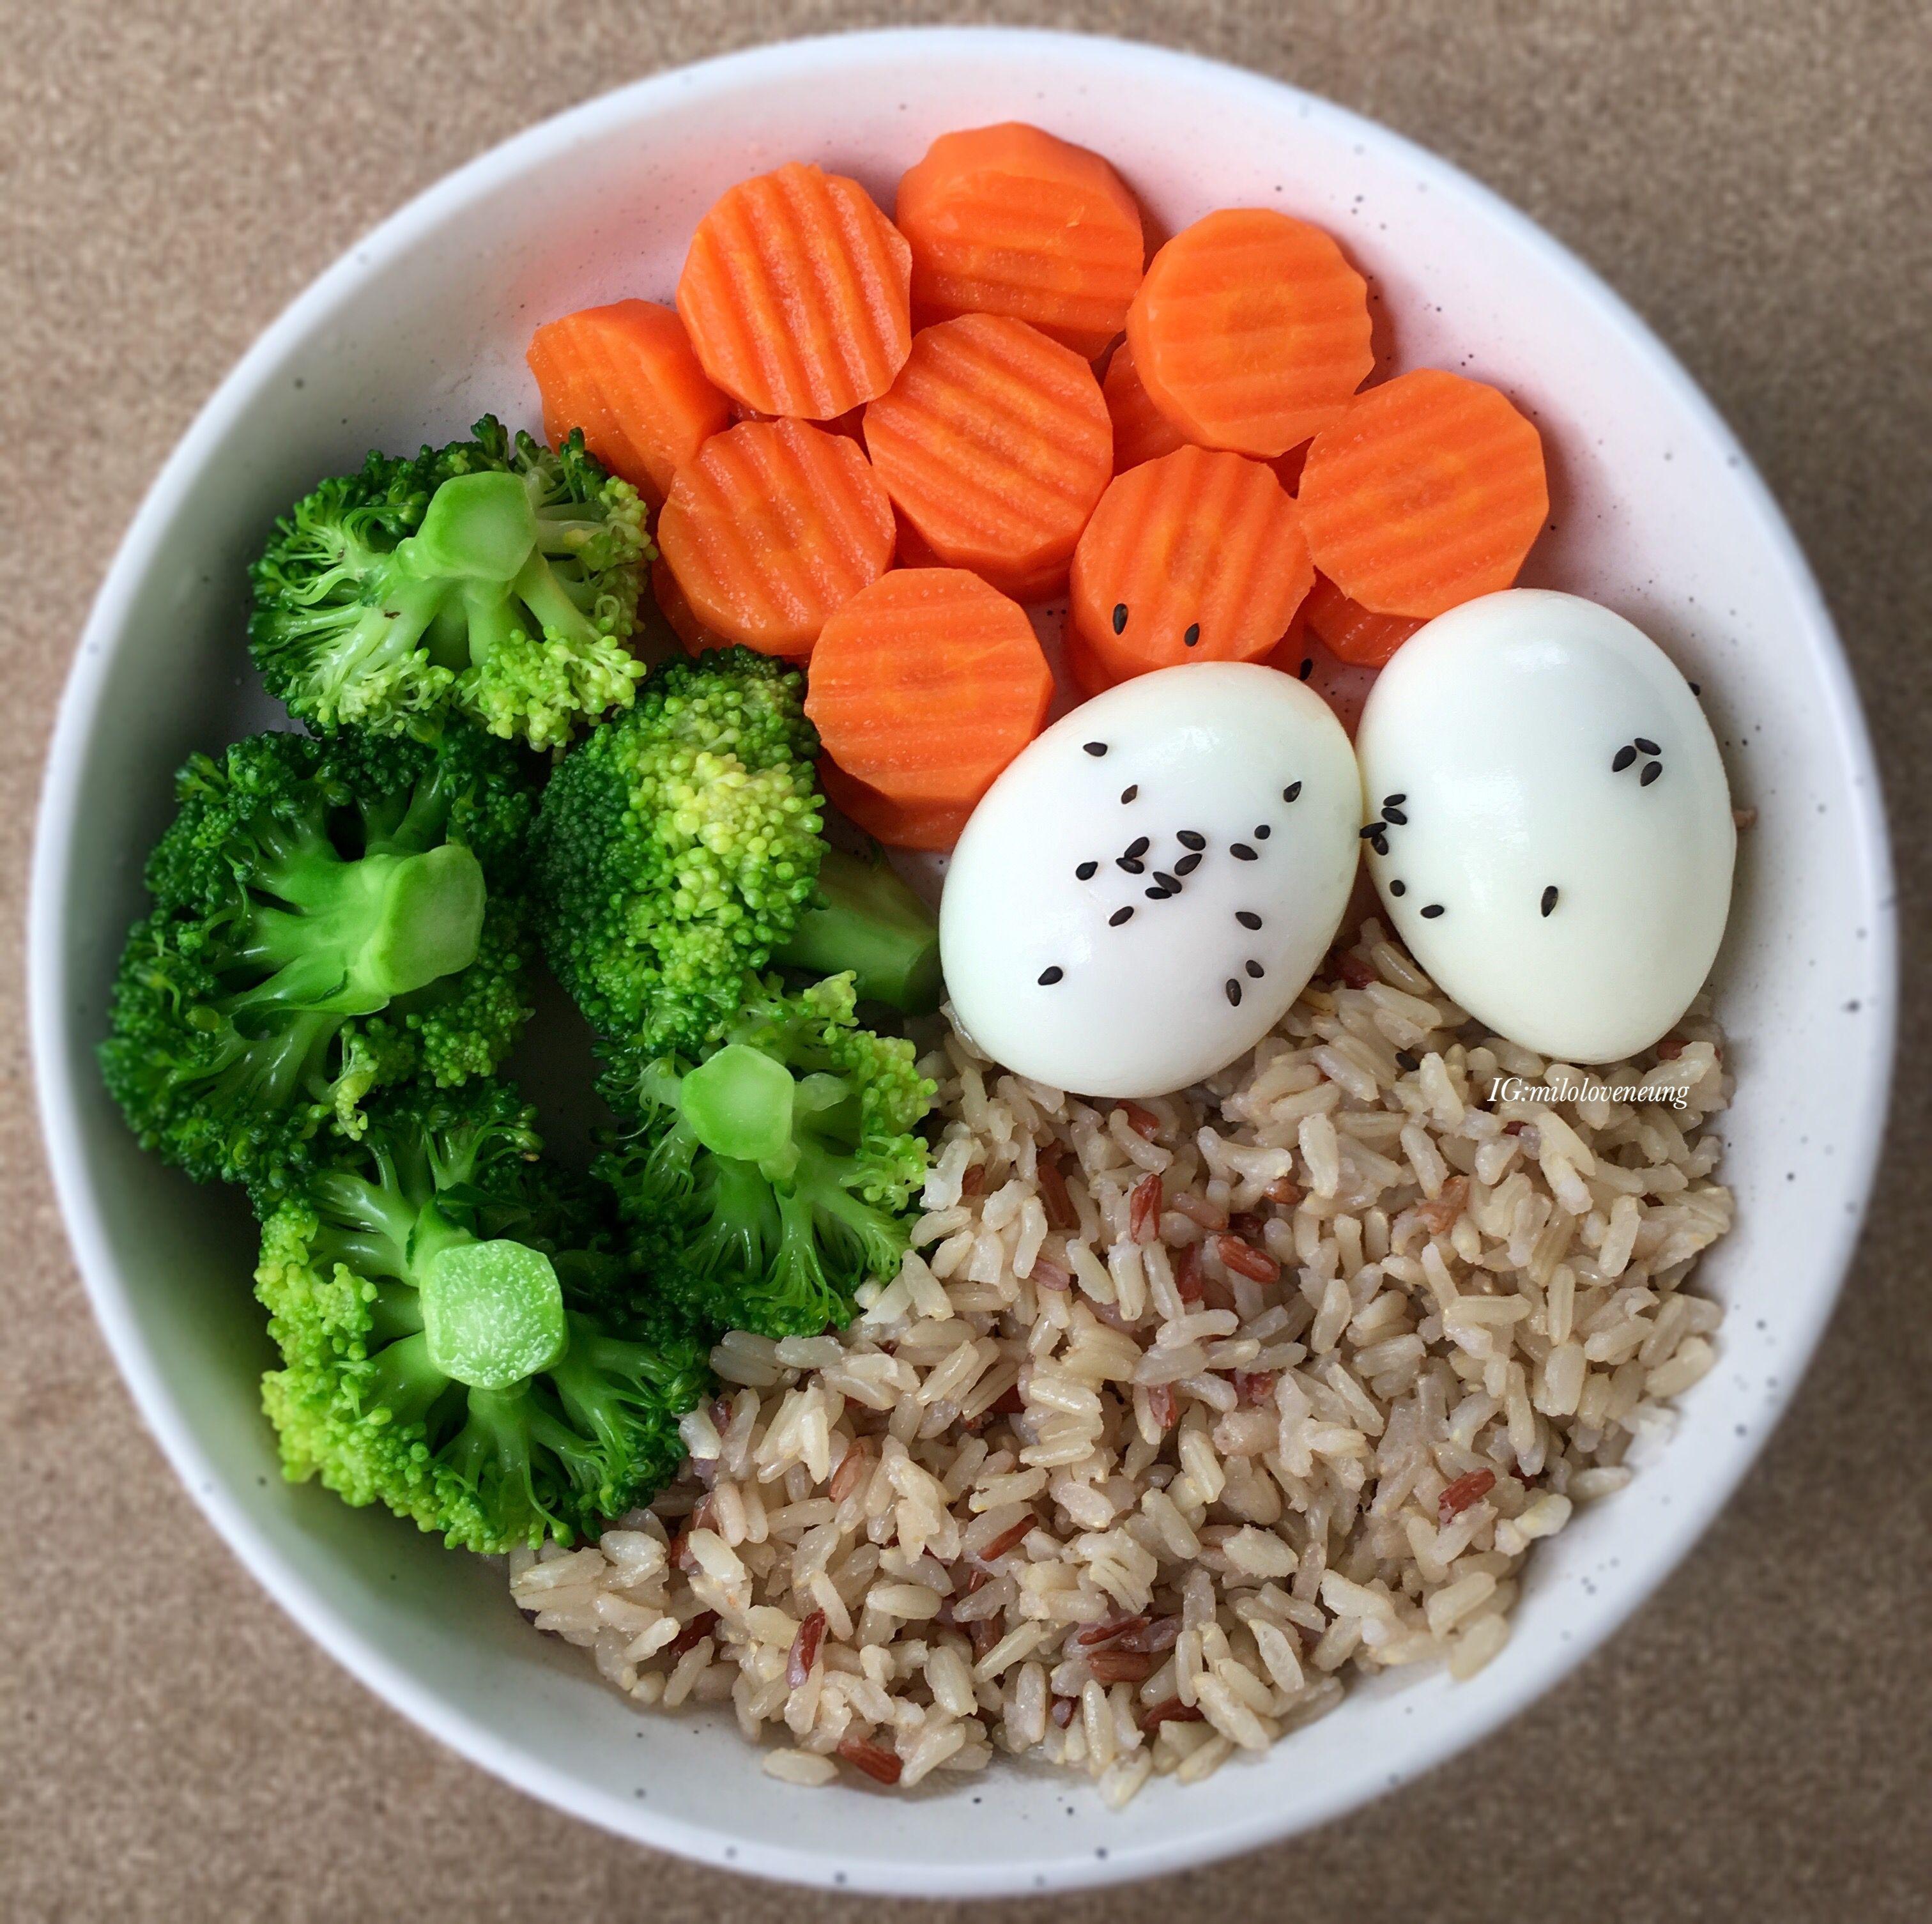 ม อเช าค ะท กคน ข าวไข ต ม ง ายท ส ดแล วค ะในเวลาน พ ซ อไข ต มส กและ ข าวกล องจาก7 11มาเตร ยมไว ตอนเย น Workout Food Healthy Snacks Recipes Aesthetic Food